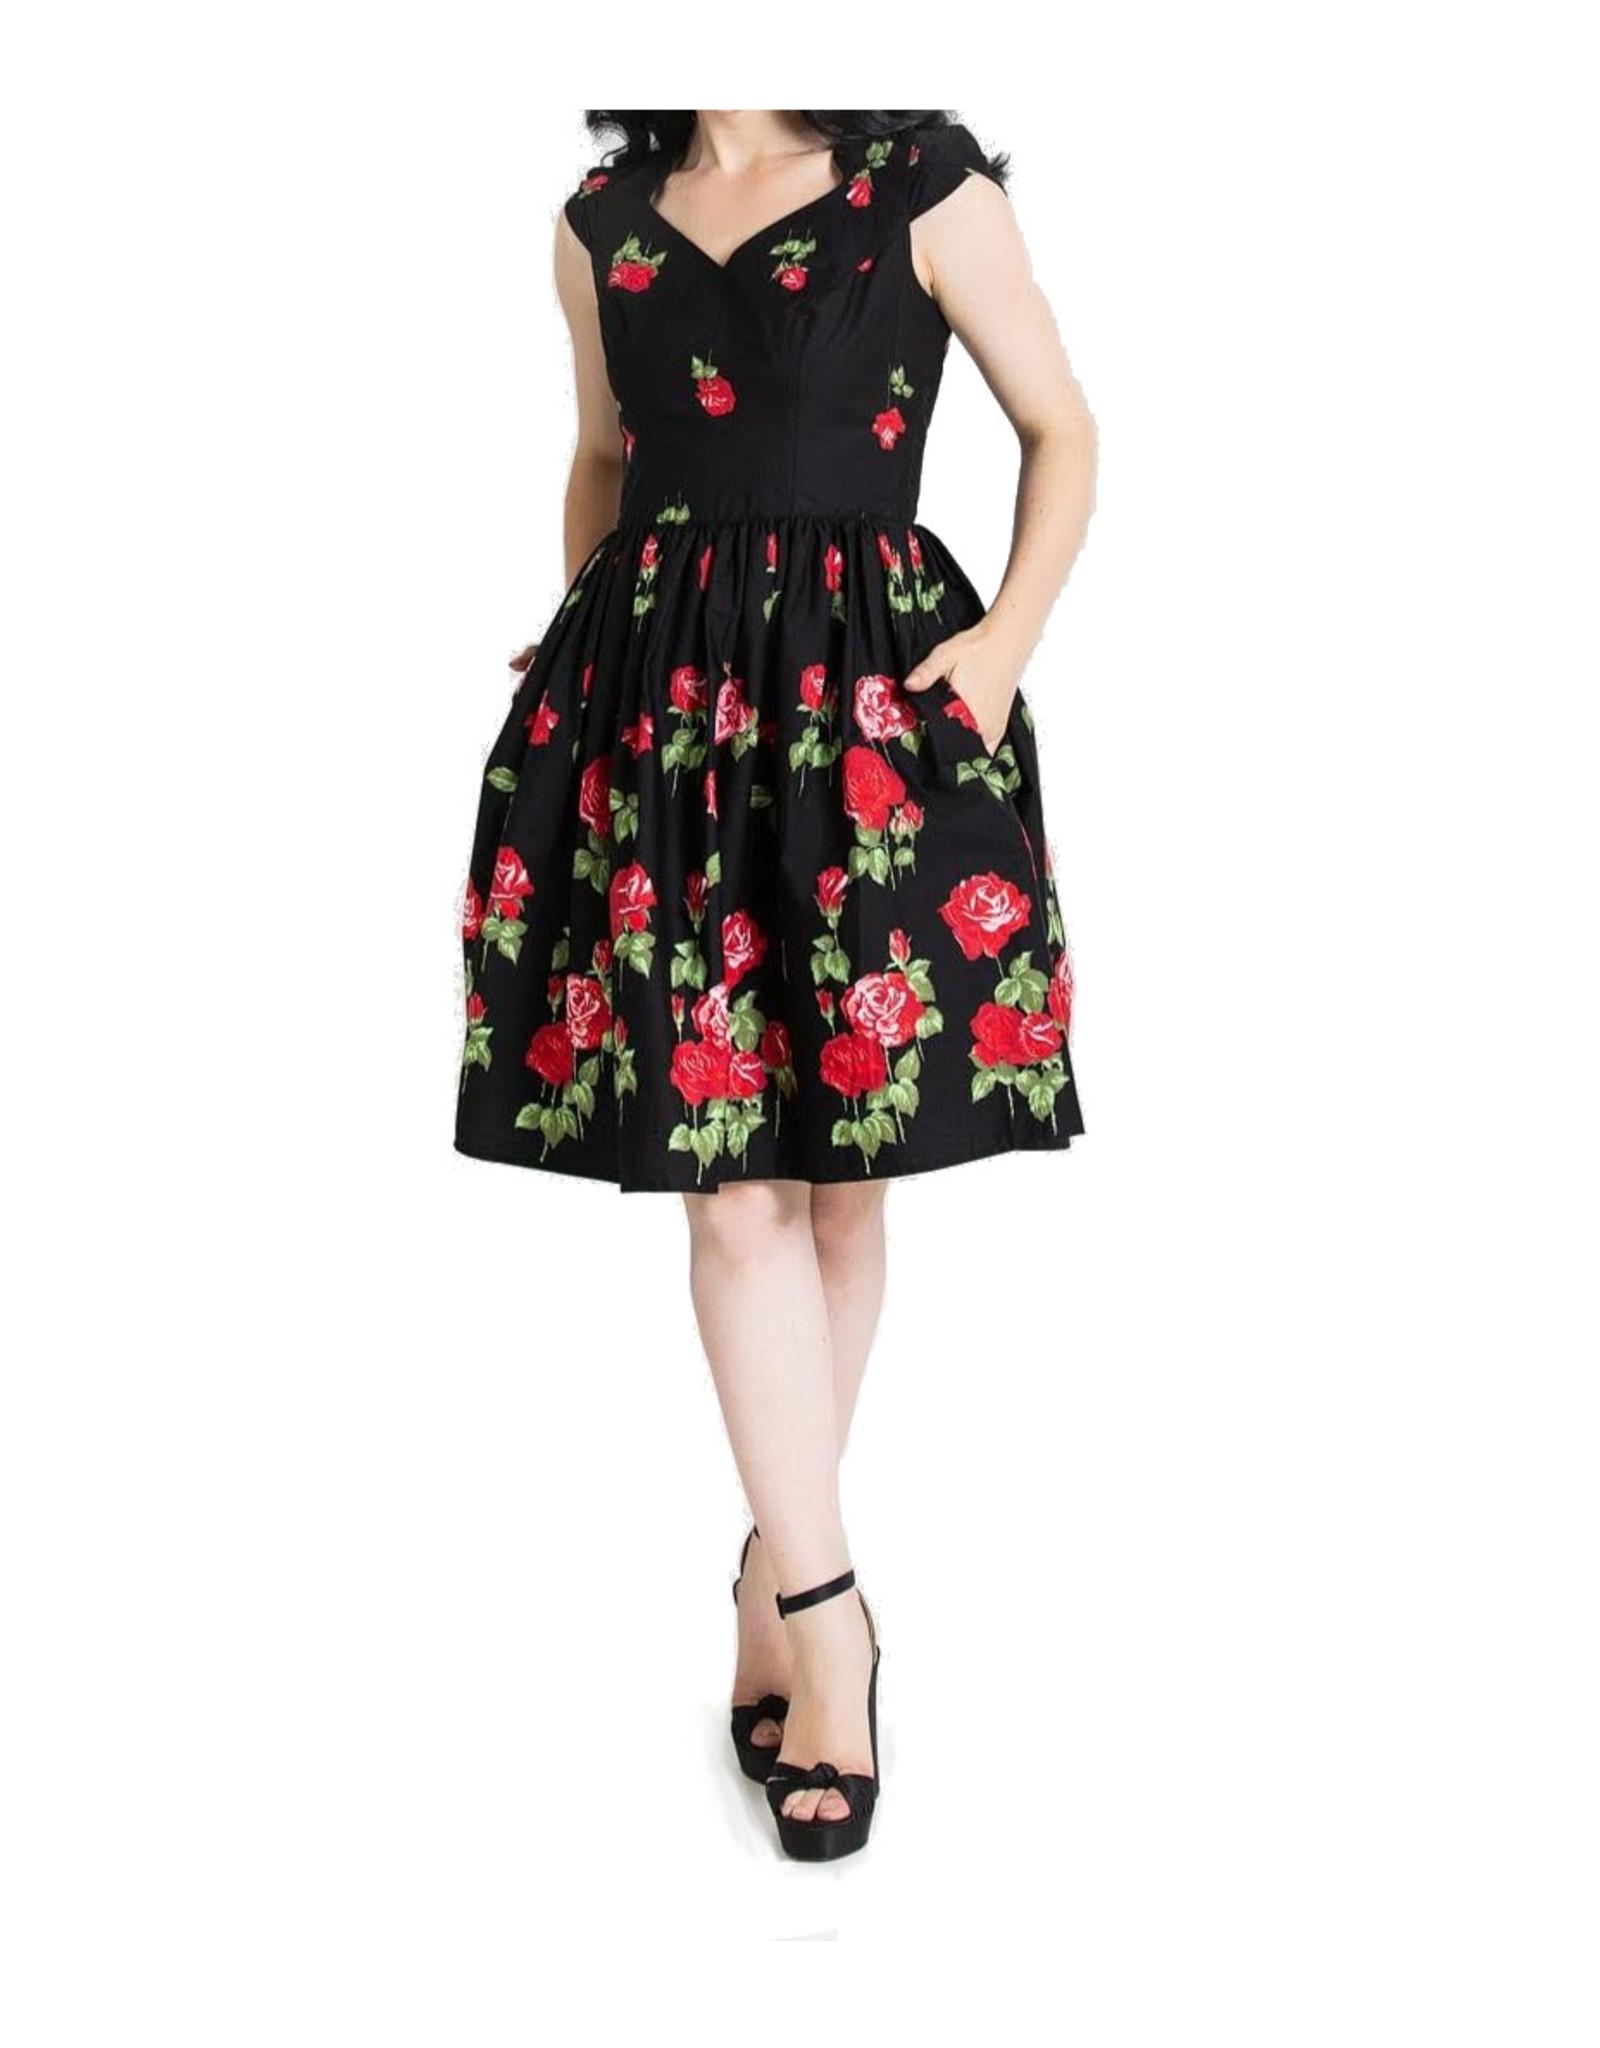 HELL BUNNY - Antonia Mid Dress